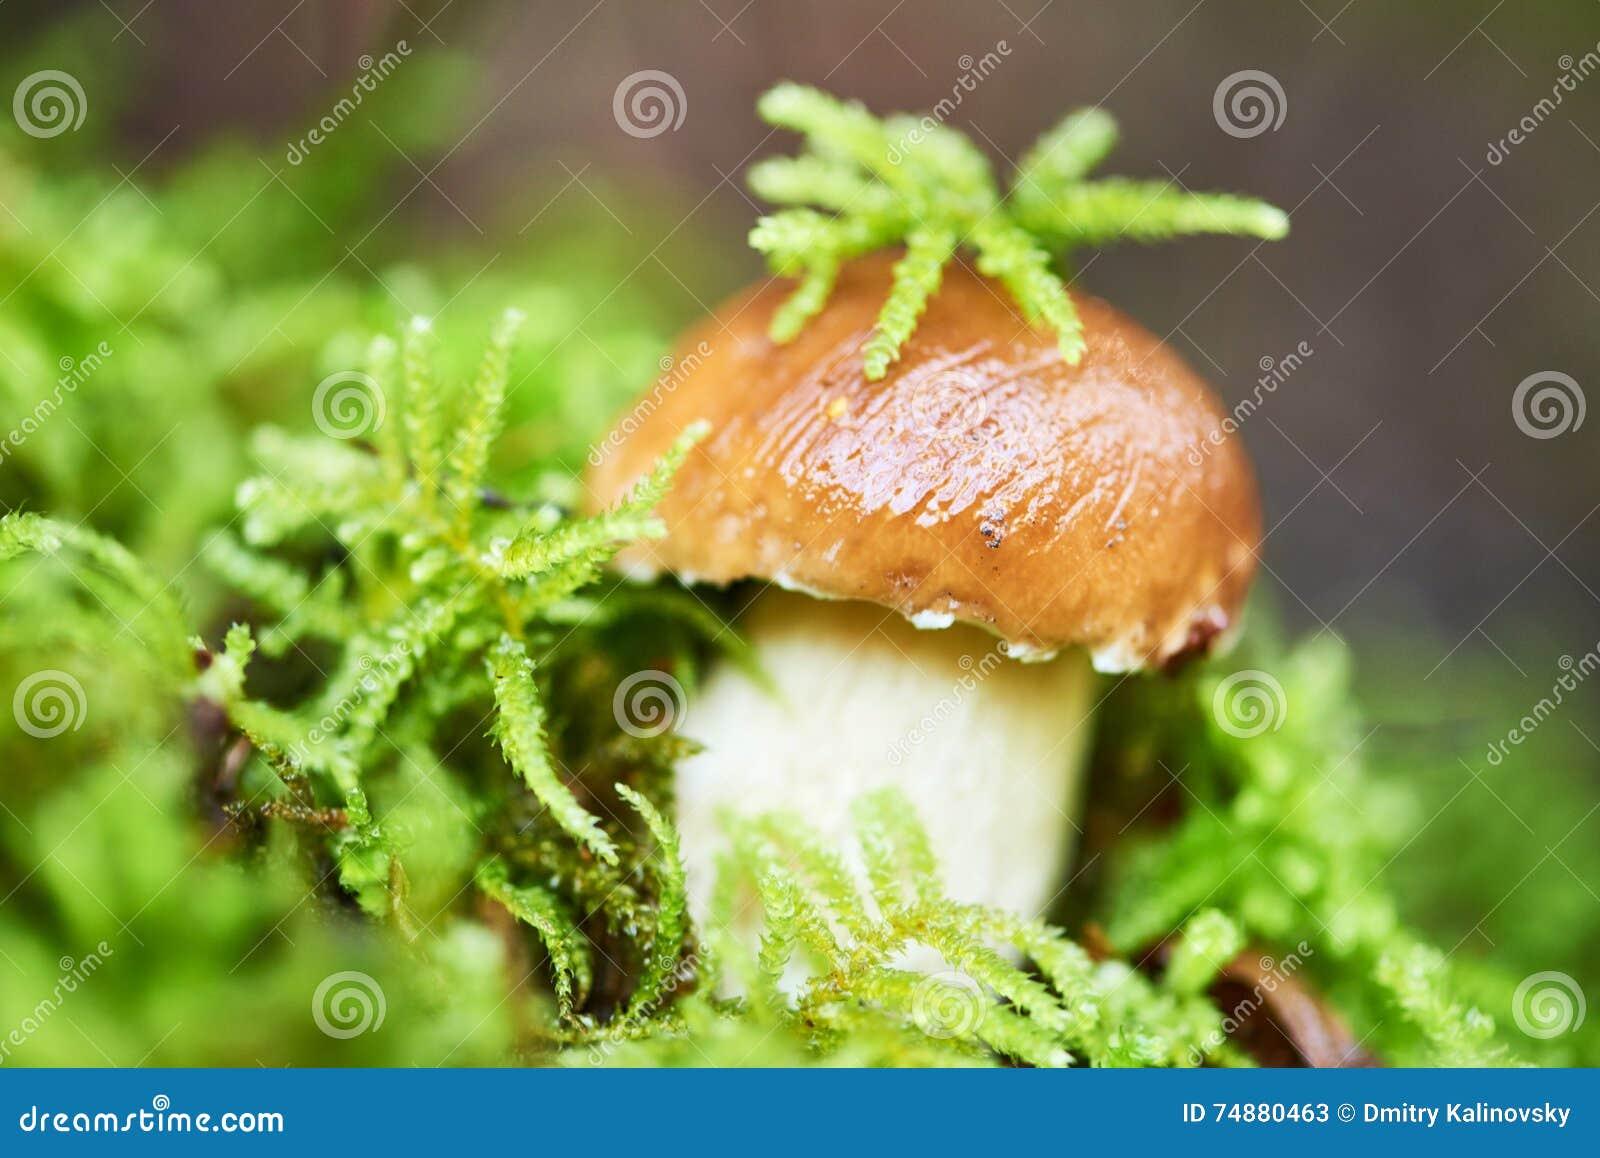 Cogumelo do cepa-de-bordéus do boleto em uma floresta